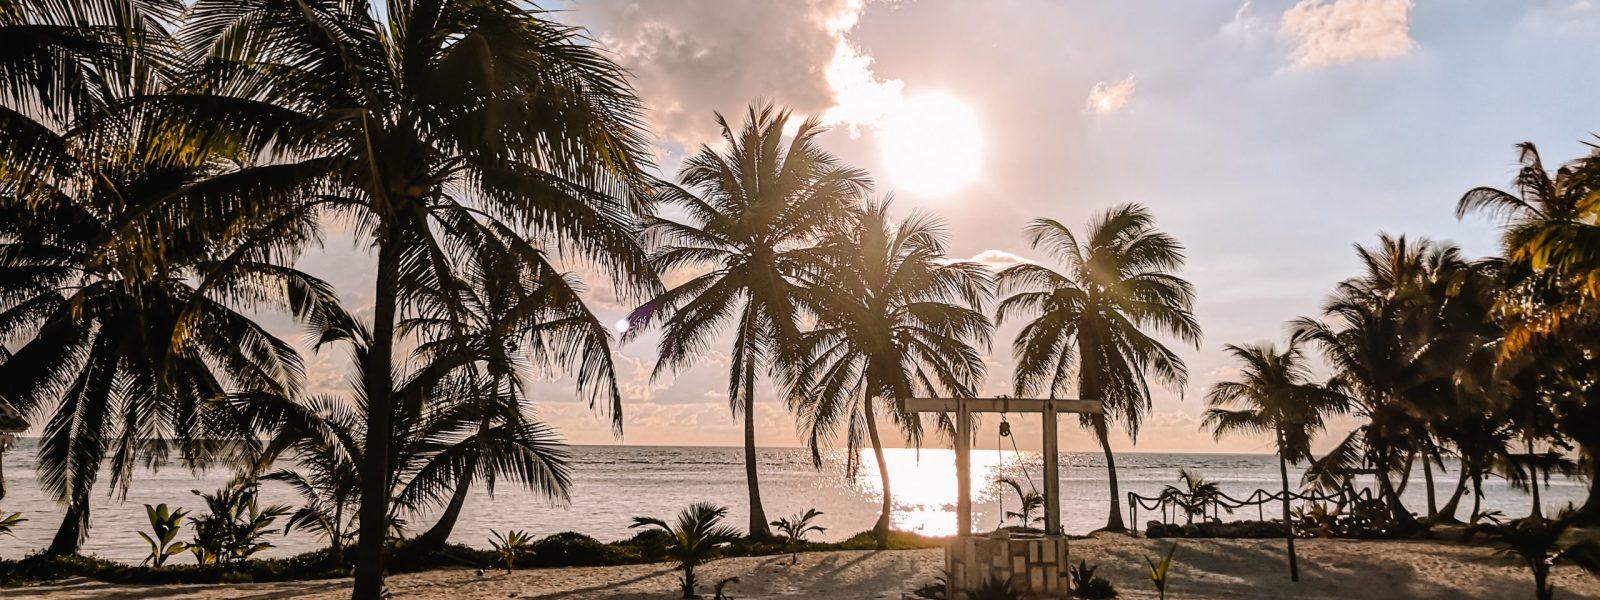 Het bounty beach alternatief voor Mahahual: Cabanas Ecoturisticas Costa Maya